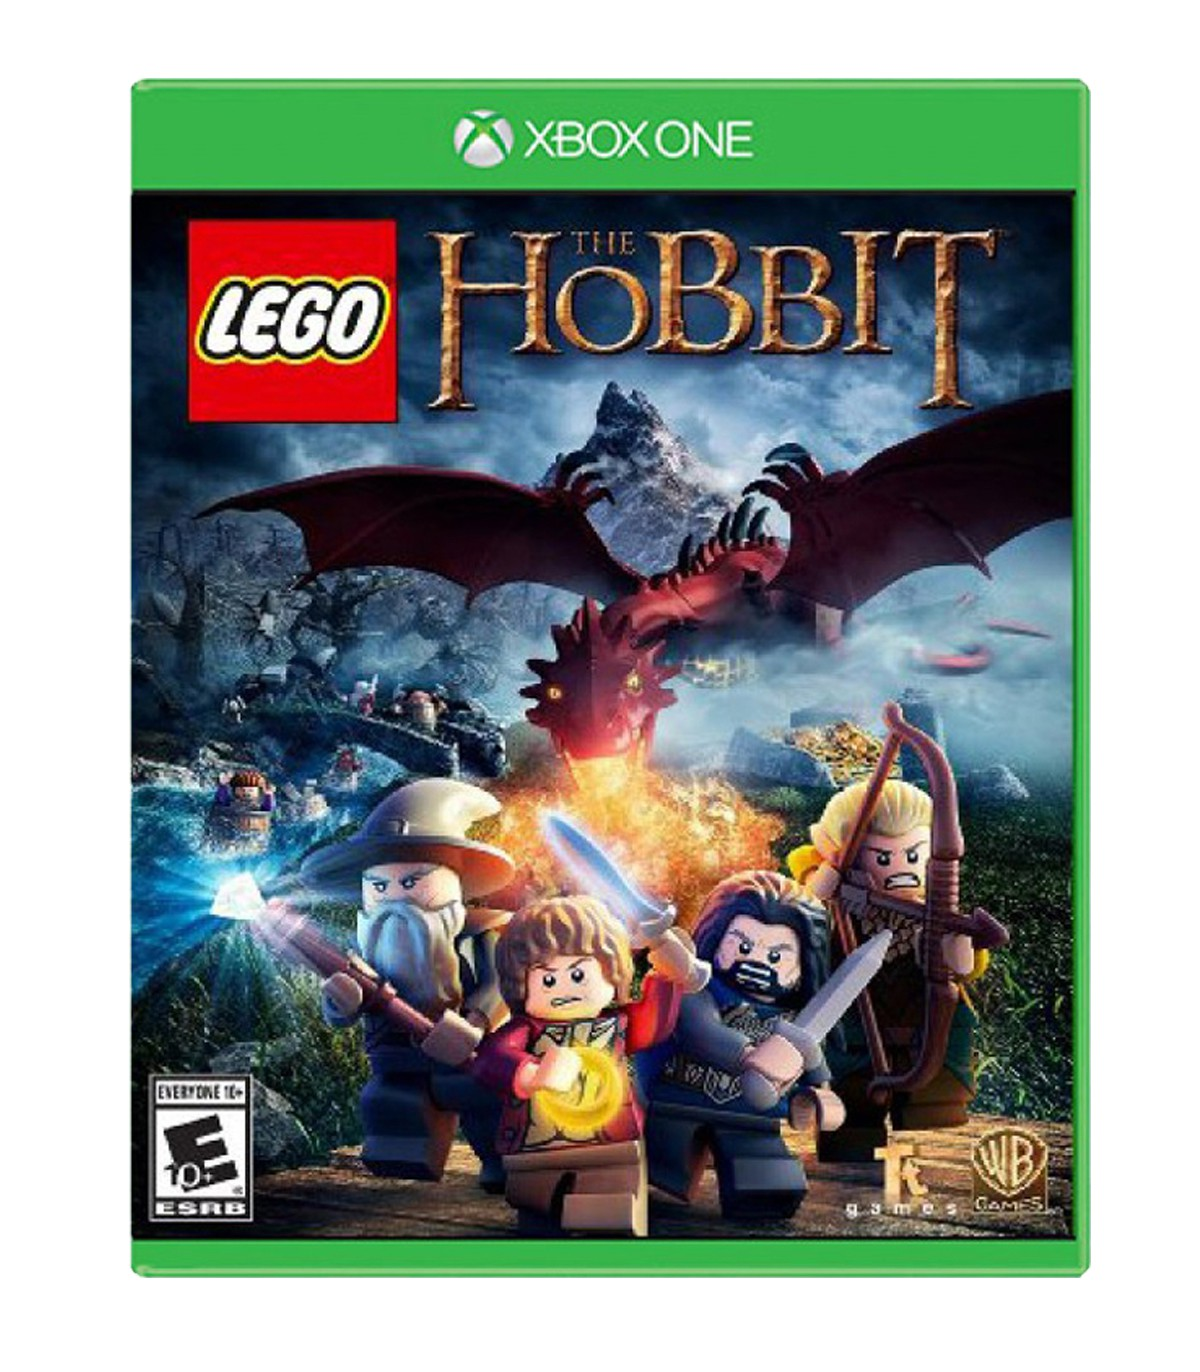 بازی LEGO The Hobbit کارکرده - ایکس باکس وان